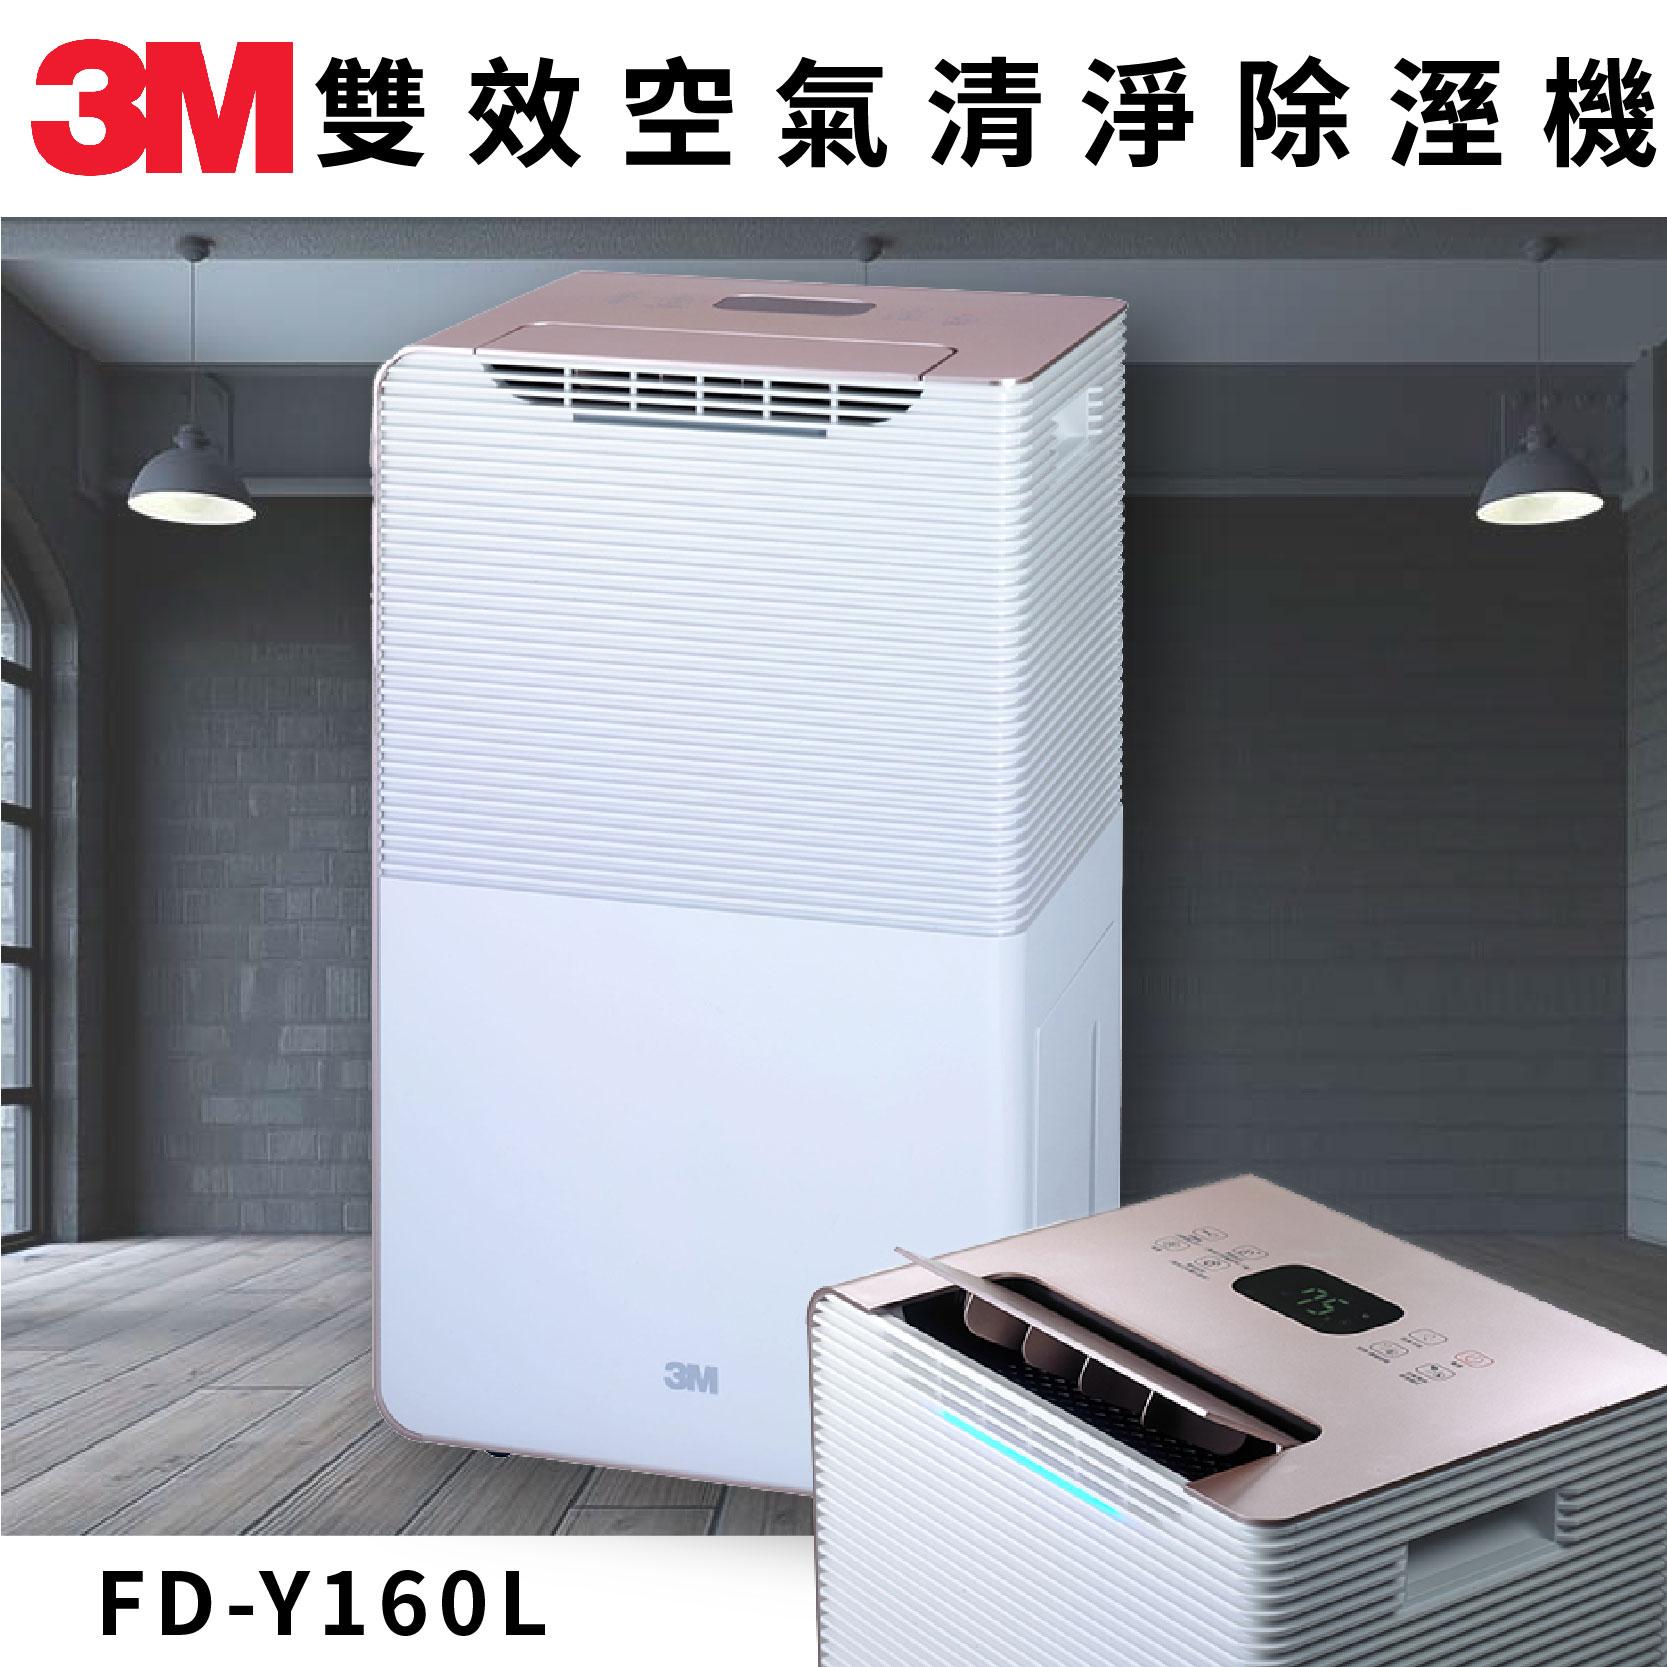 潮濕 髒空氣 都走開 空氣清淨除溼機16公升 FD-Y160L 清淨機 除濕機 乾衣 省電 淨化空氣 時尚 公司貨 3M